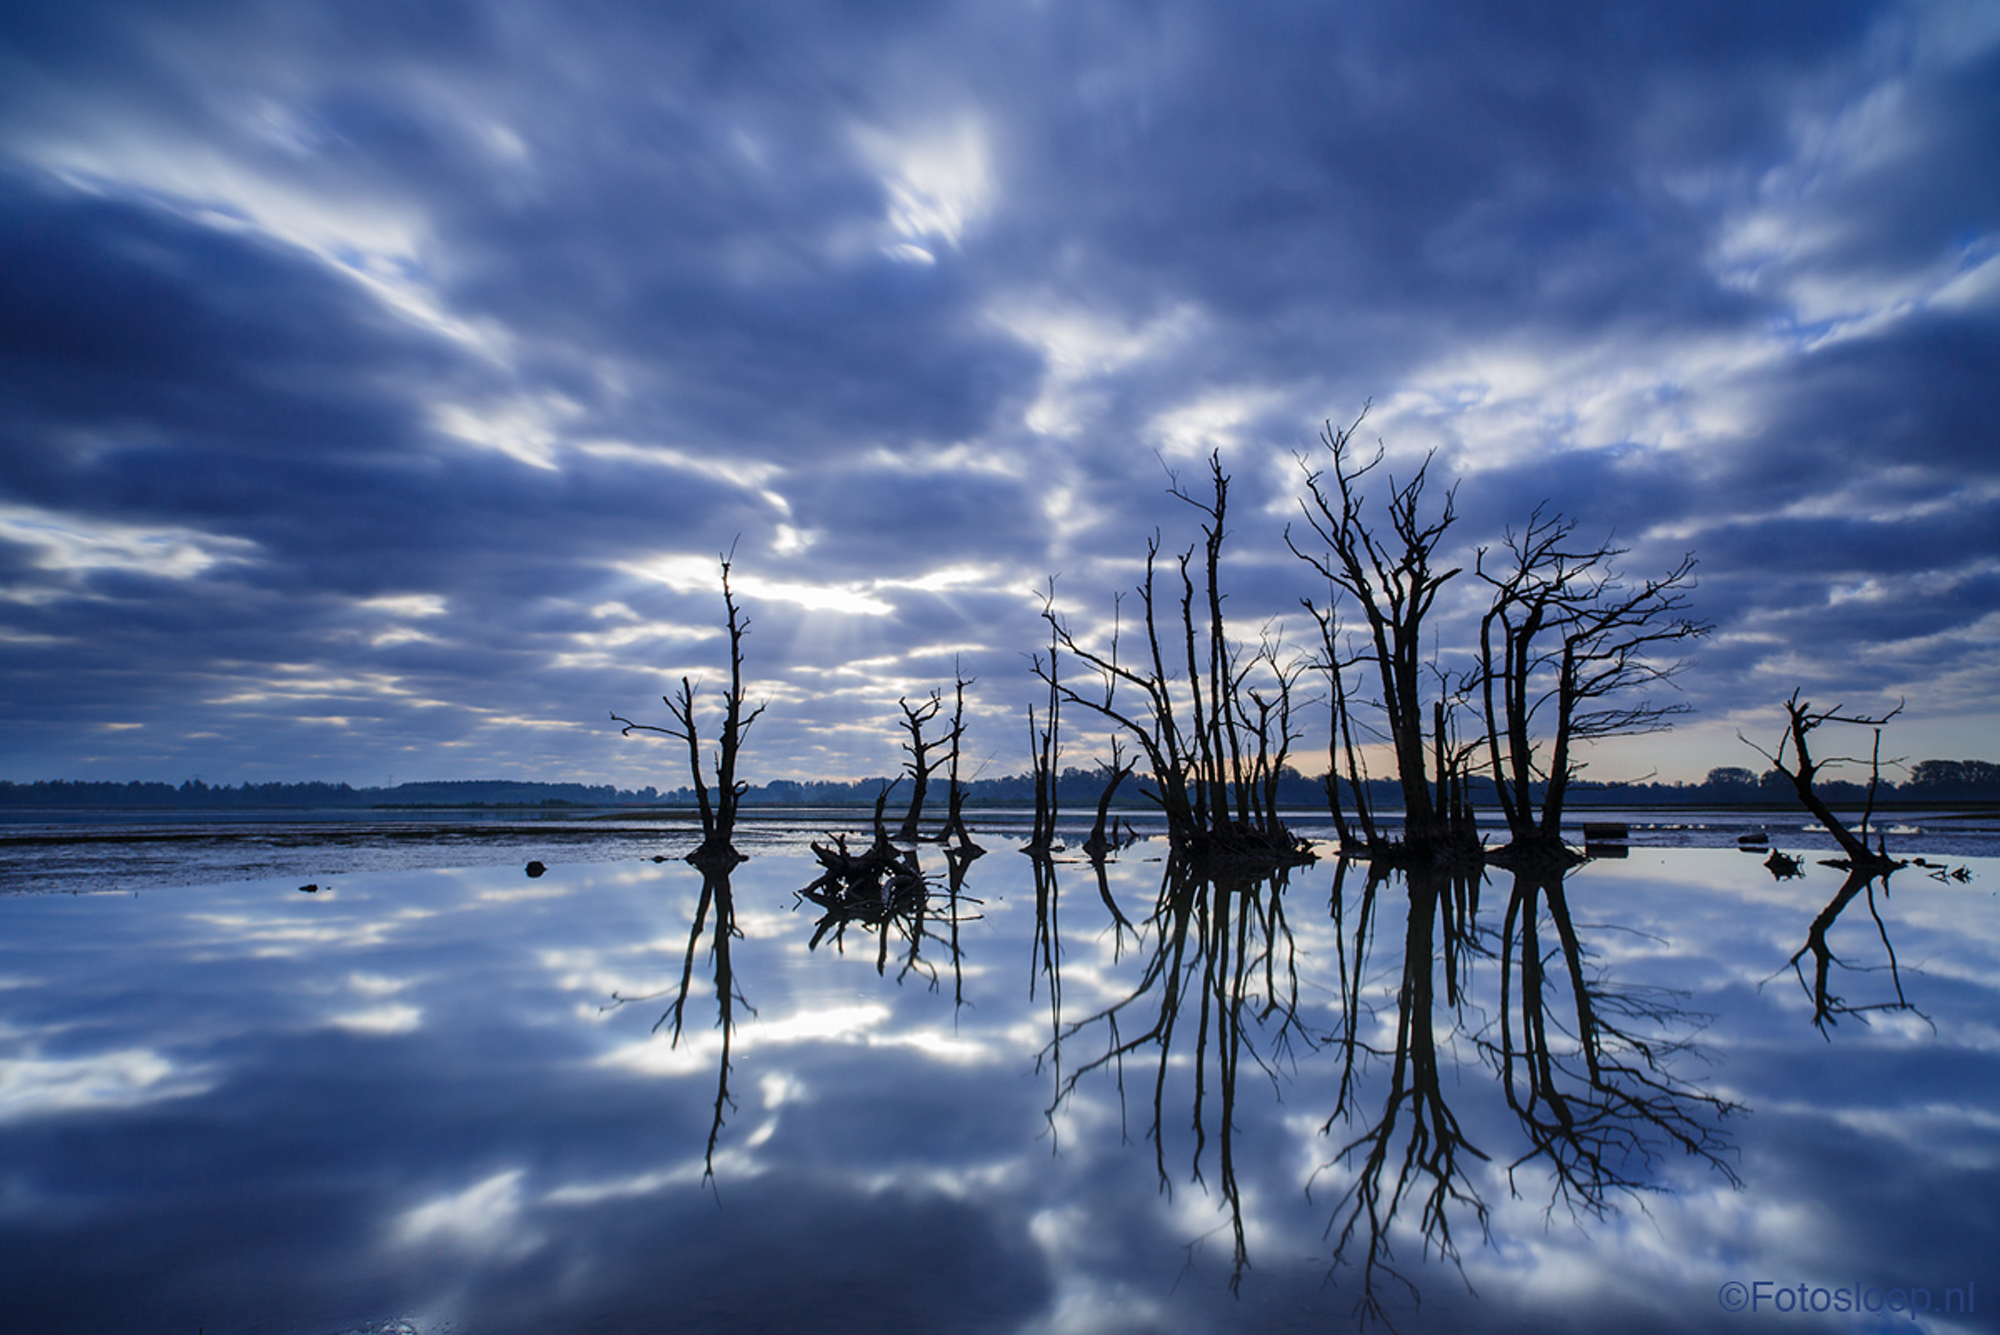 Biesbosch reflecties op water in blauw, door Bas Breetveld